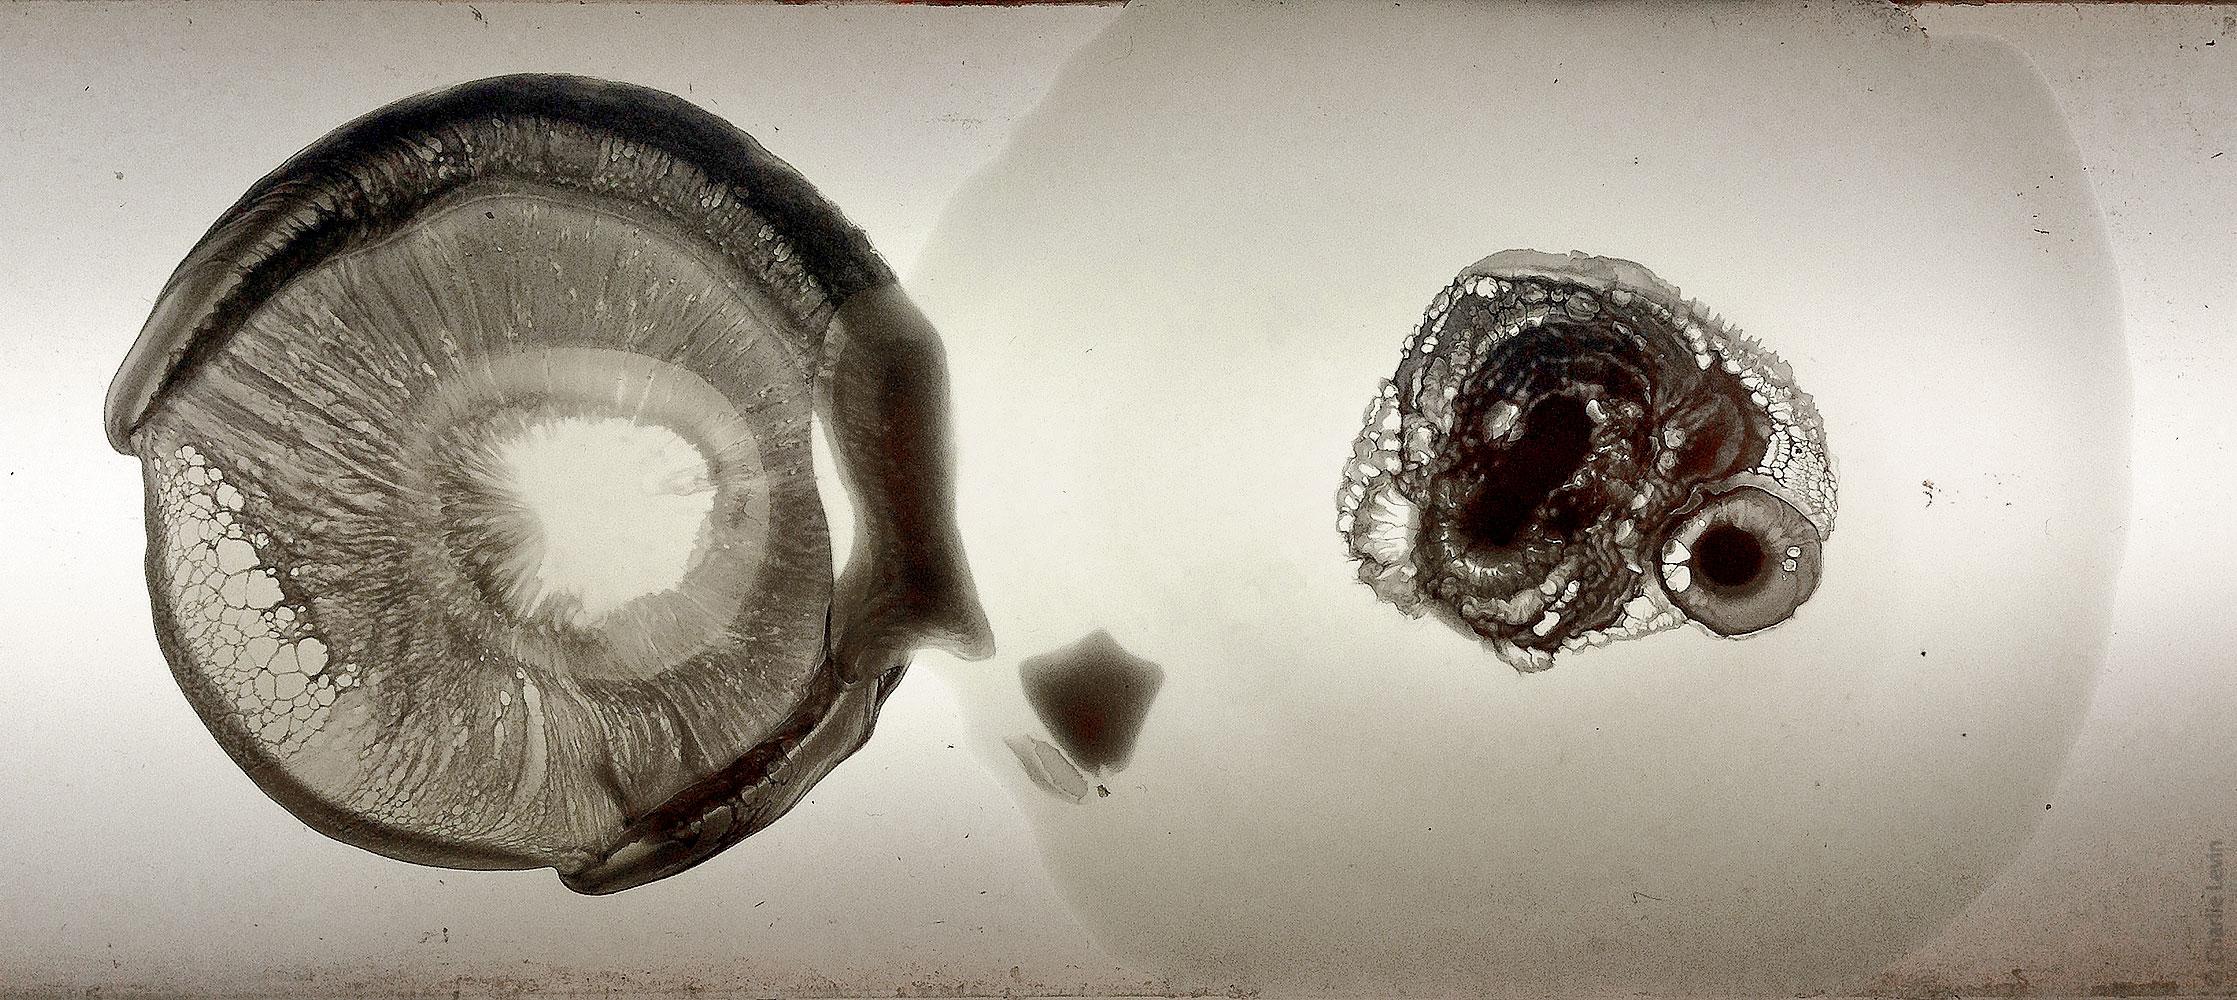 specimens1_detail1_1000h_wWM.jpg